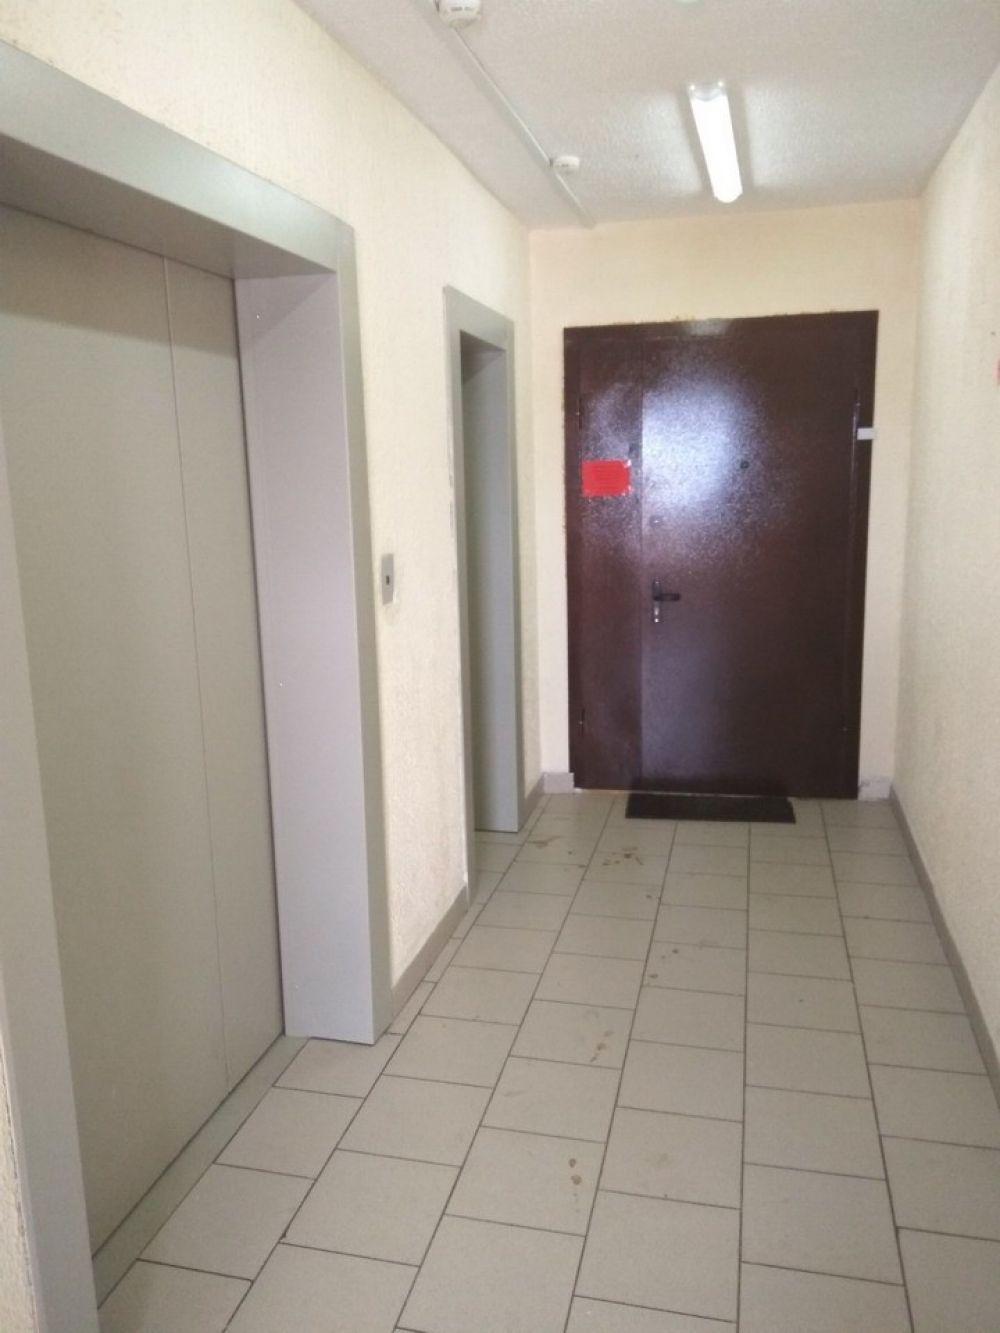 Однокомнатная квартира улучшенной планировки 47.6 м2, г. Щелково, Богородский мкр,10, фото 2